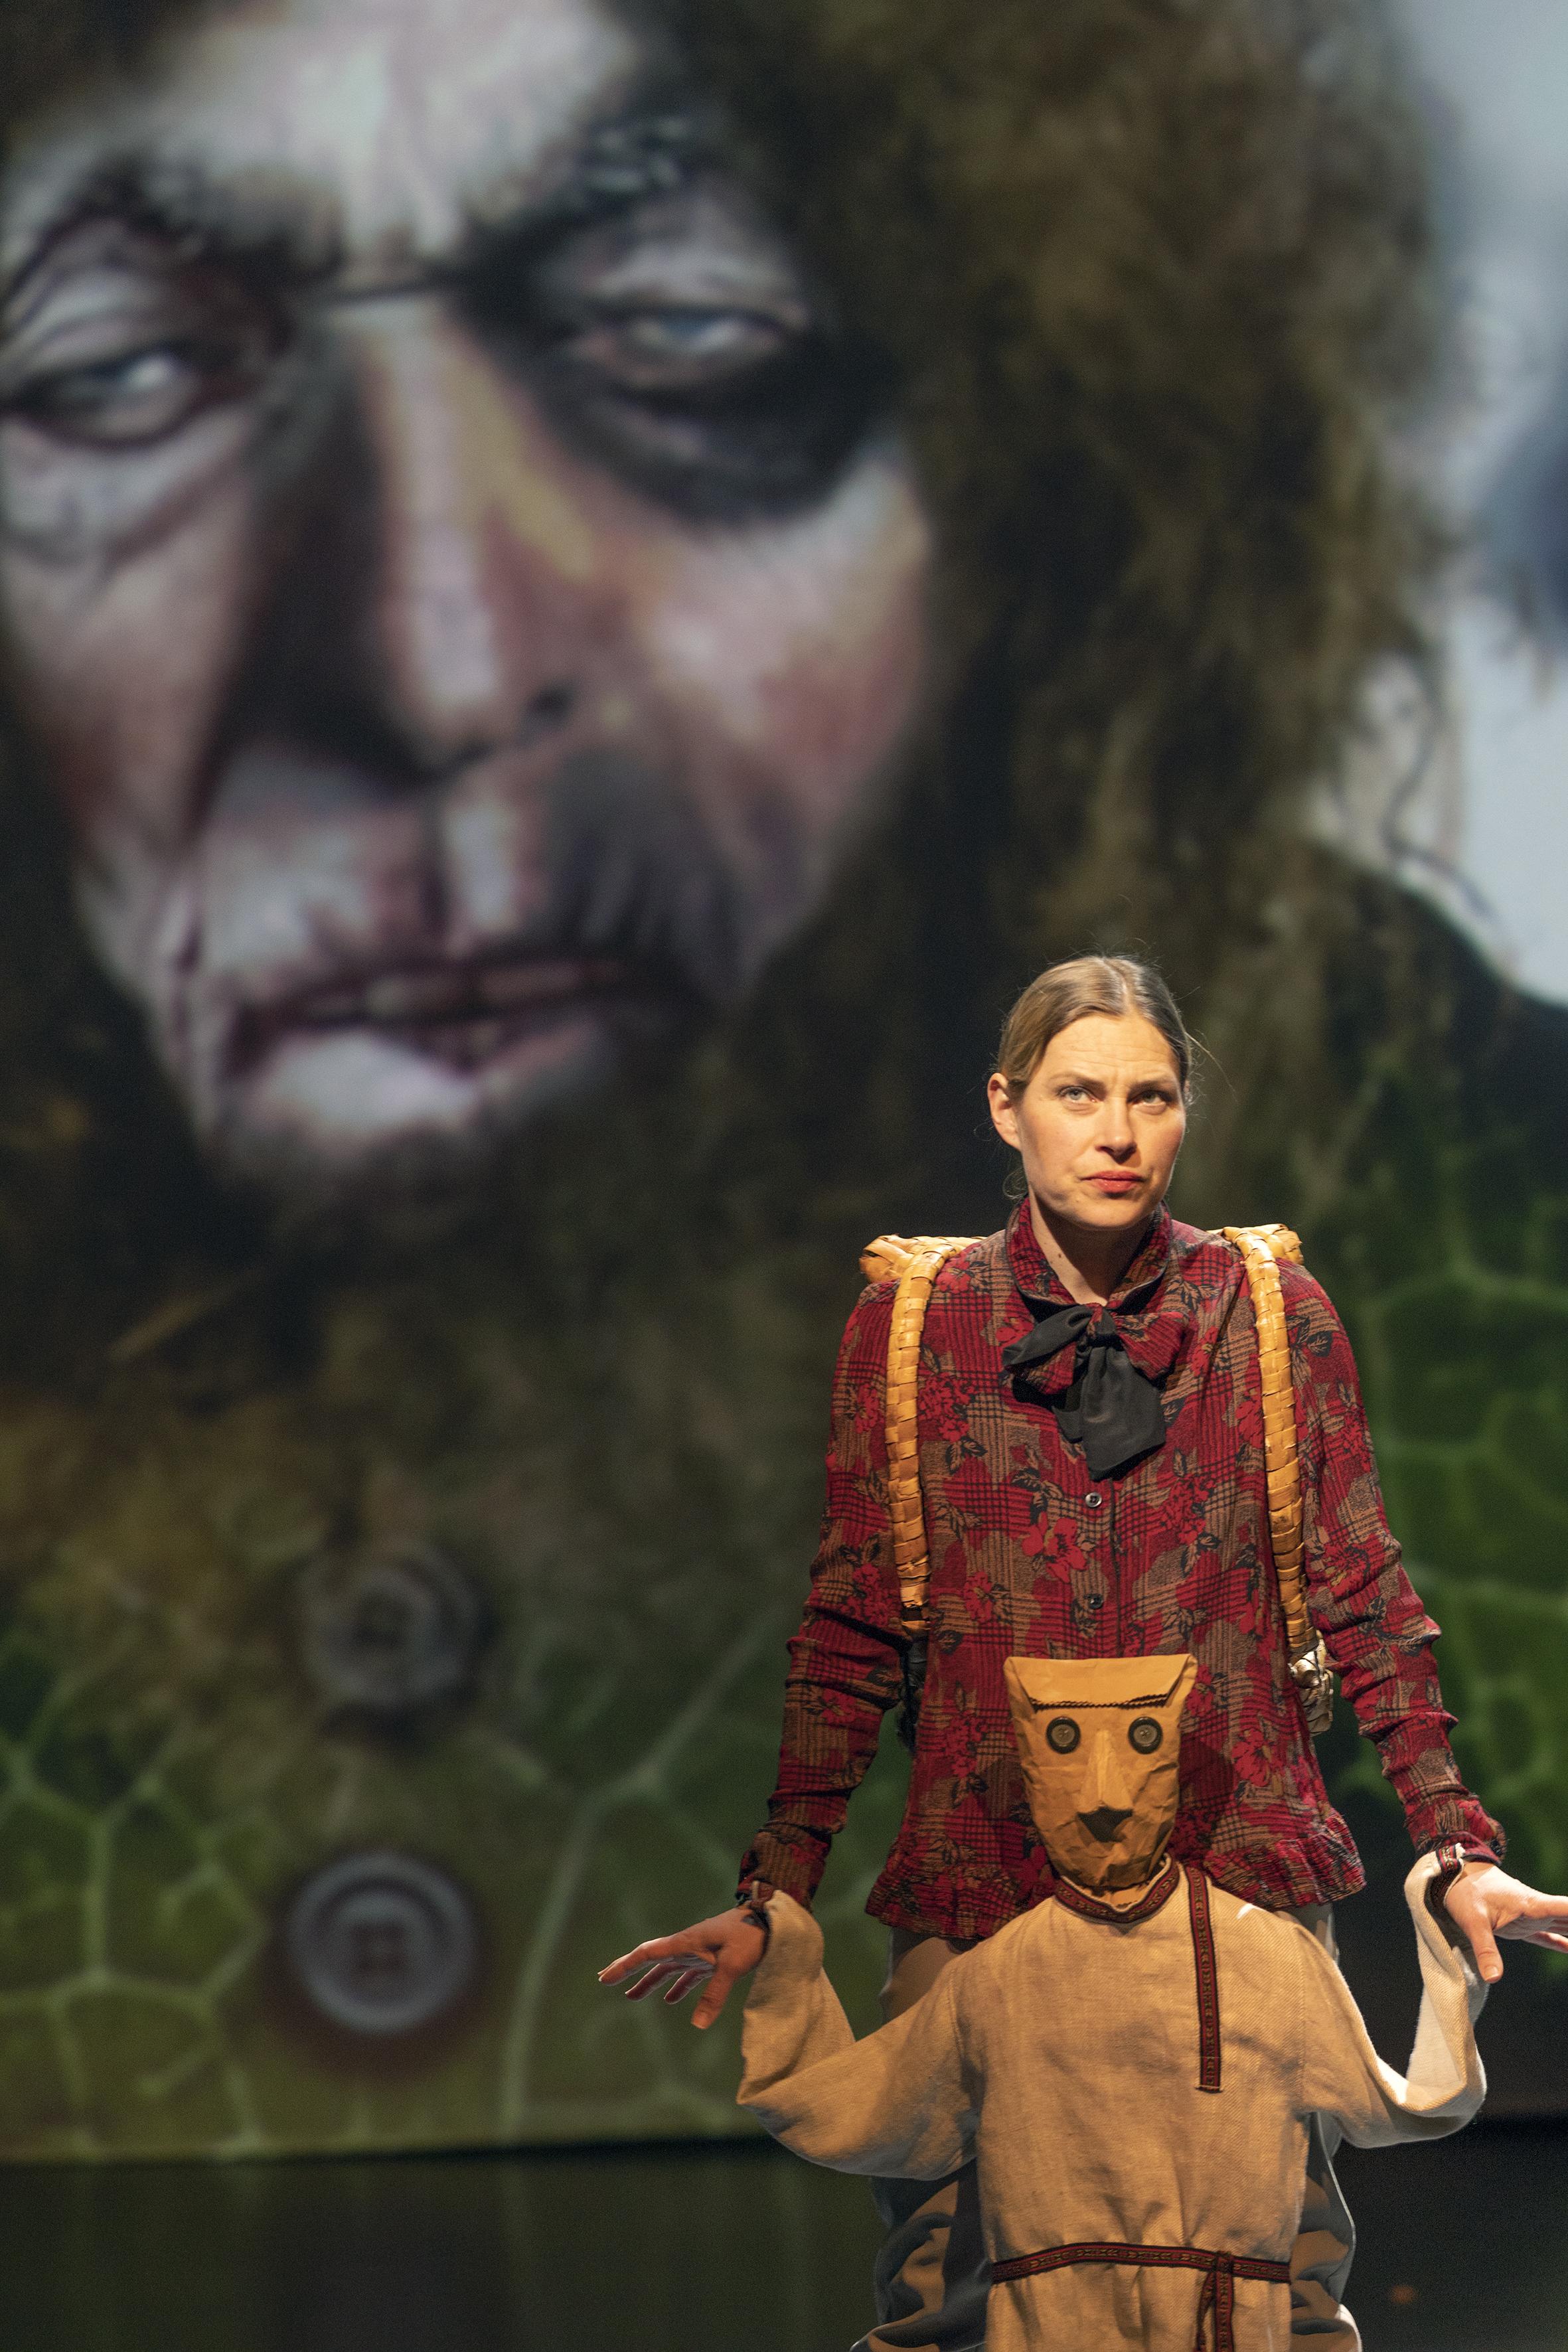 Valokuvan taka-alalla on piirroskuva karvaisesta jättiläisestä ja etualalla on näyttelijä ja Antti Puuhaara -nukke.